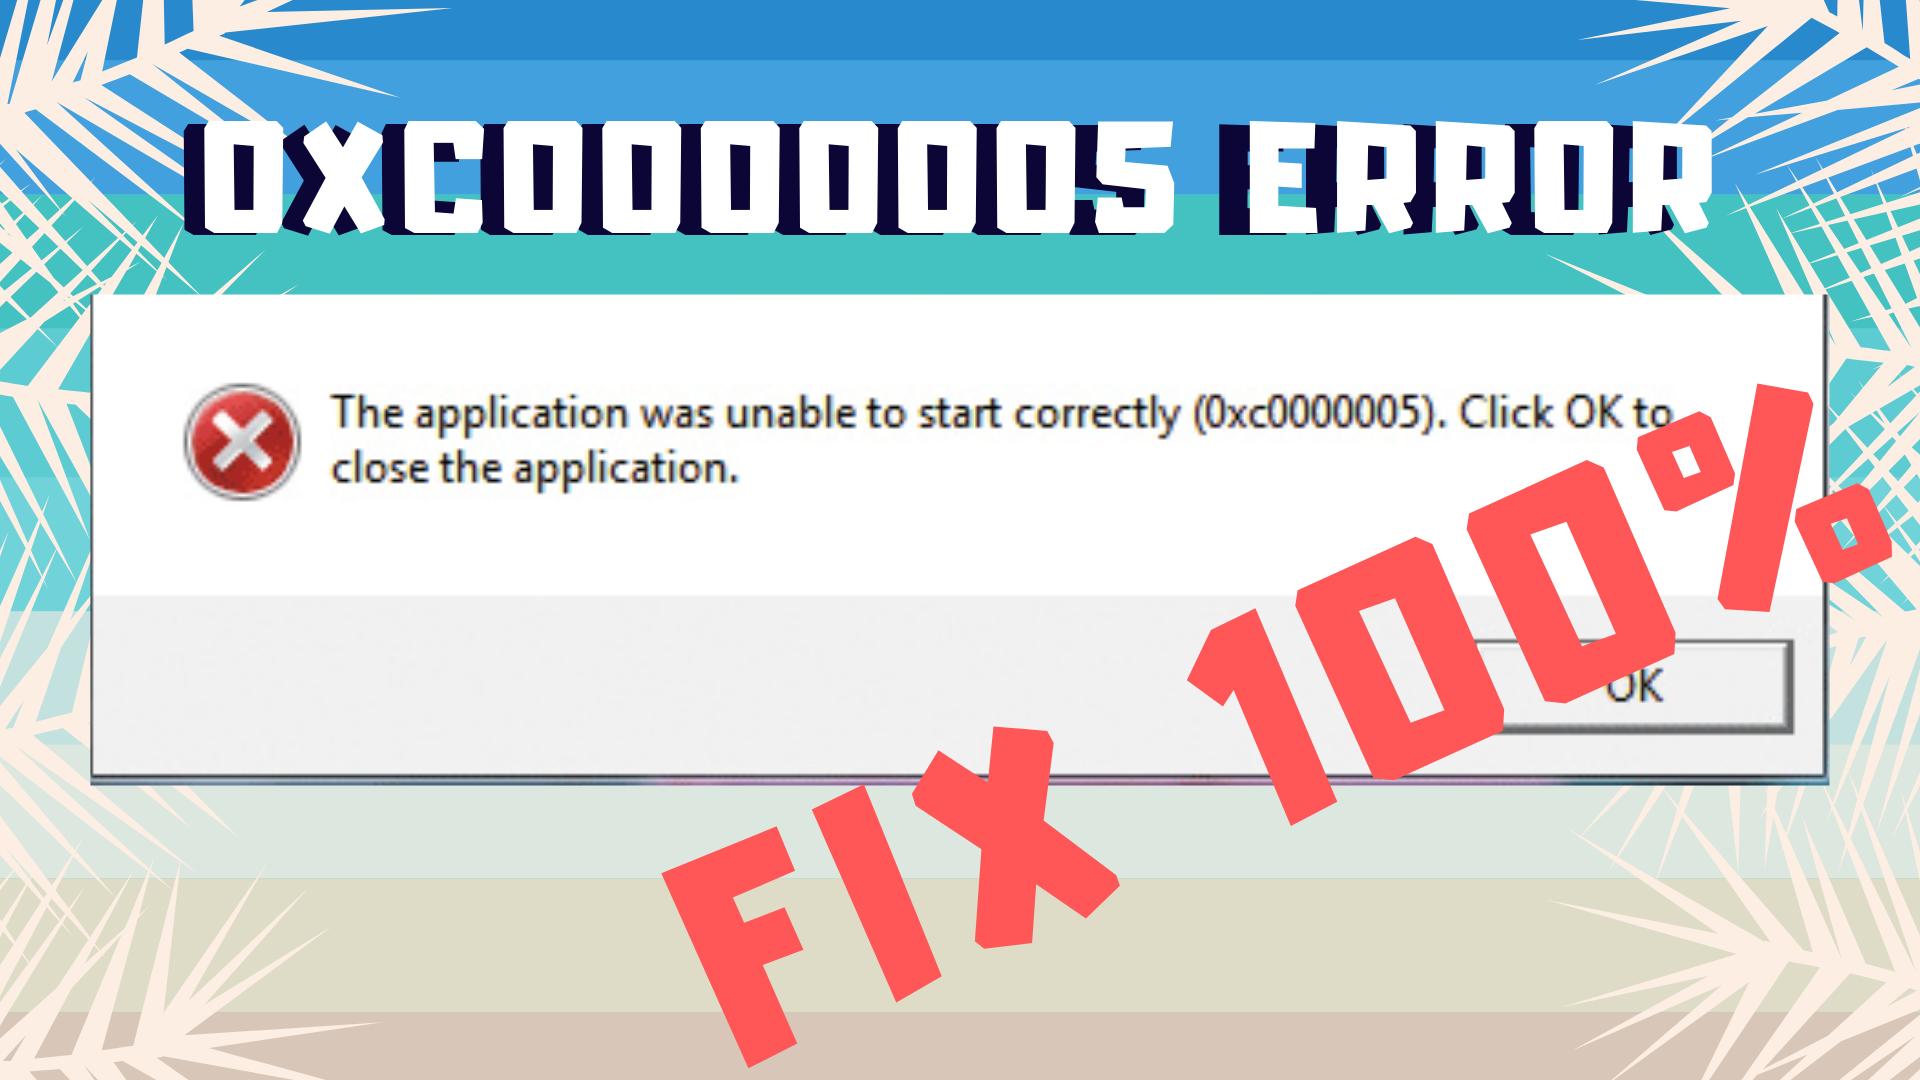 Google Chrome 0xc0000005 Error Solved Solving, Google